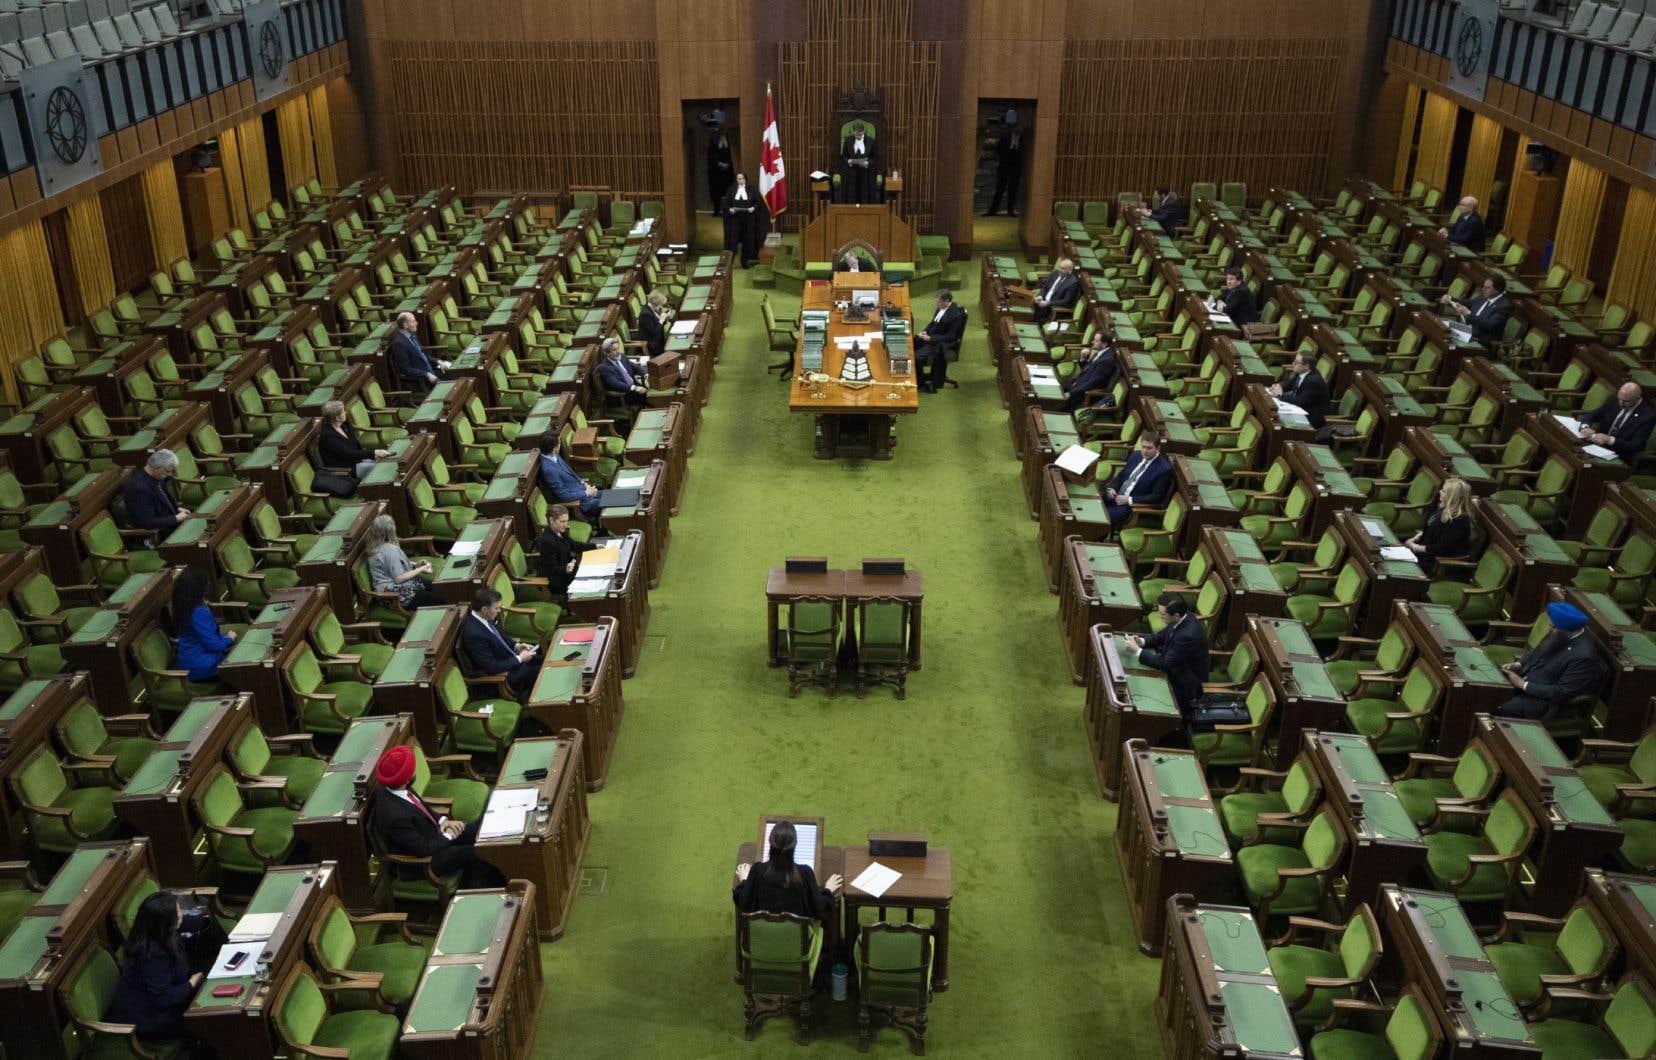 Les conservateurs demandent à siéger avec un nombre restreint de députés de tous les partis, comme cela s'est fait à deux reprises depuis le 13 mars.